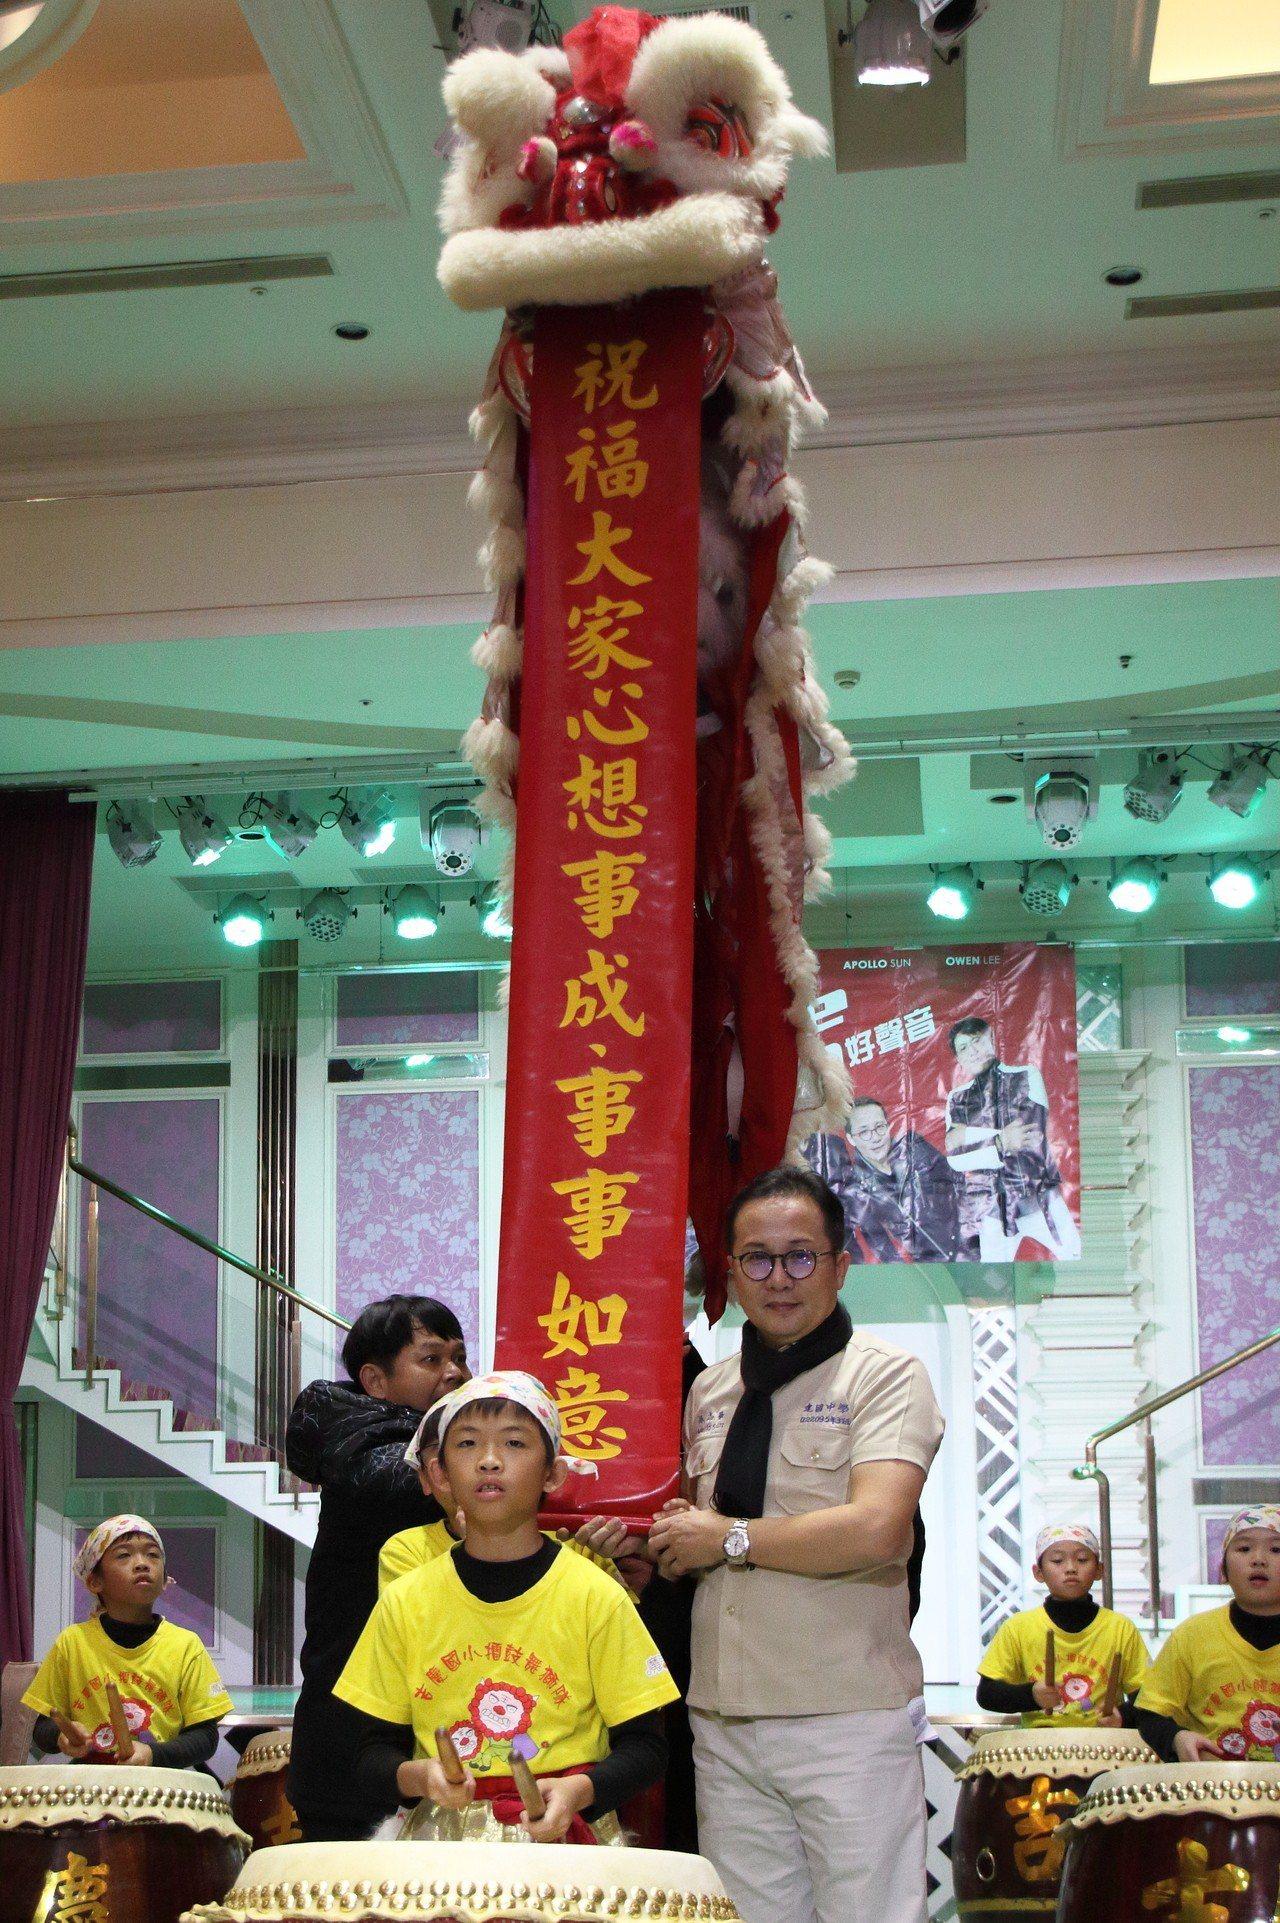 聯合線上總經理孫志華(右)大讚小朋友們表演卓越。提供/聯合線上